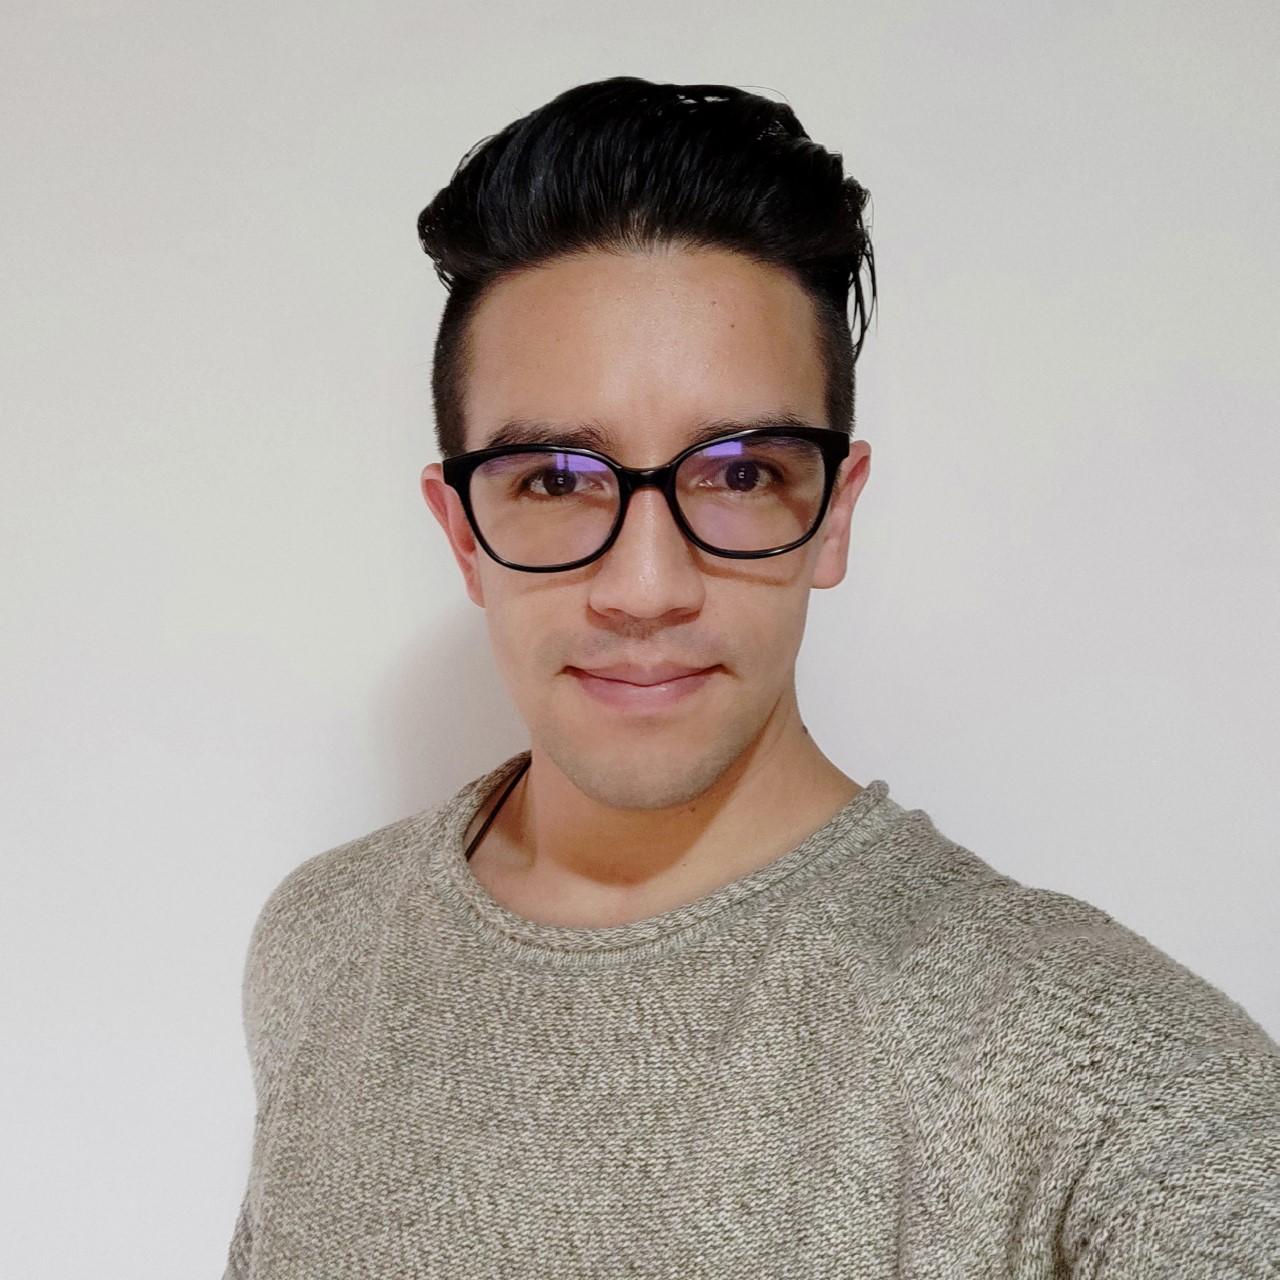 Esteban Bejarano